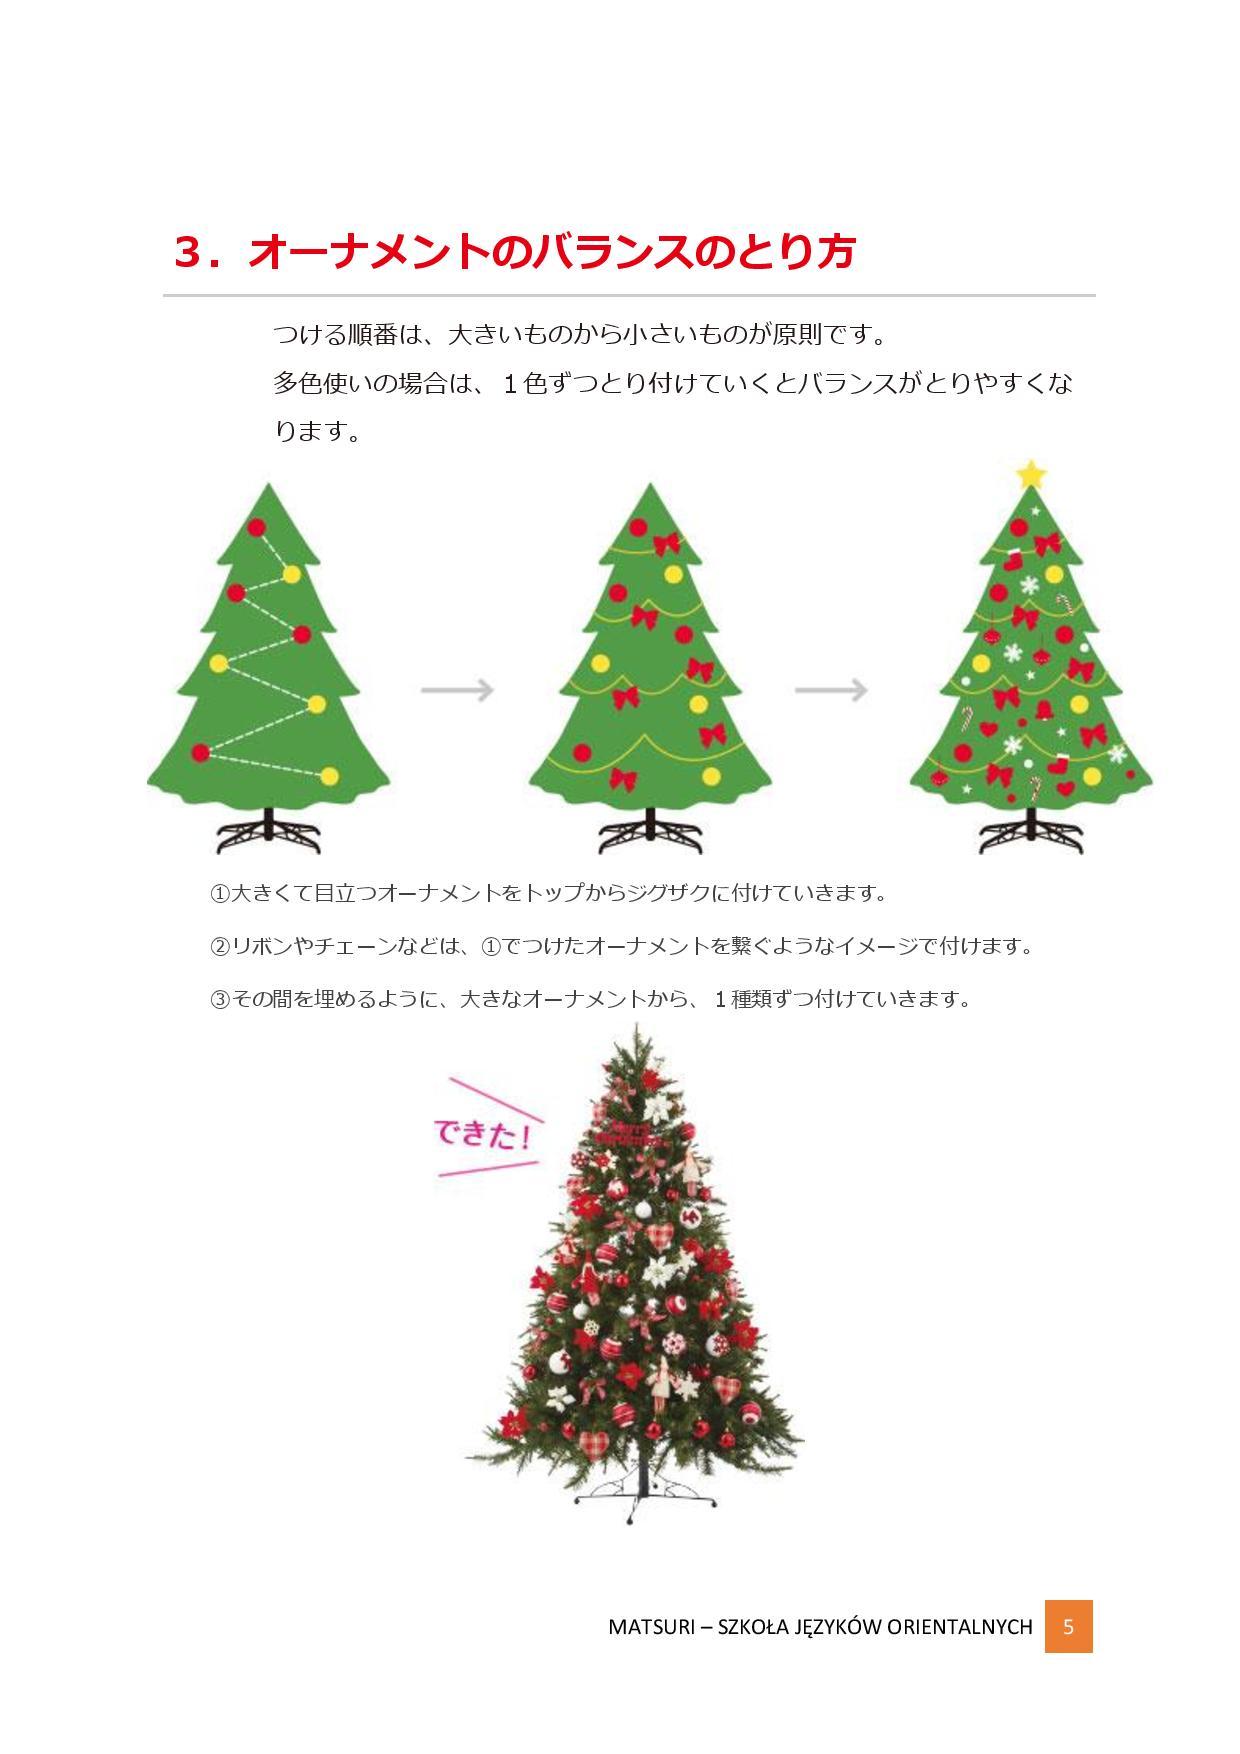 クリスマスの色々-page-005